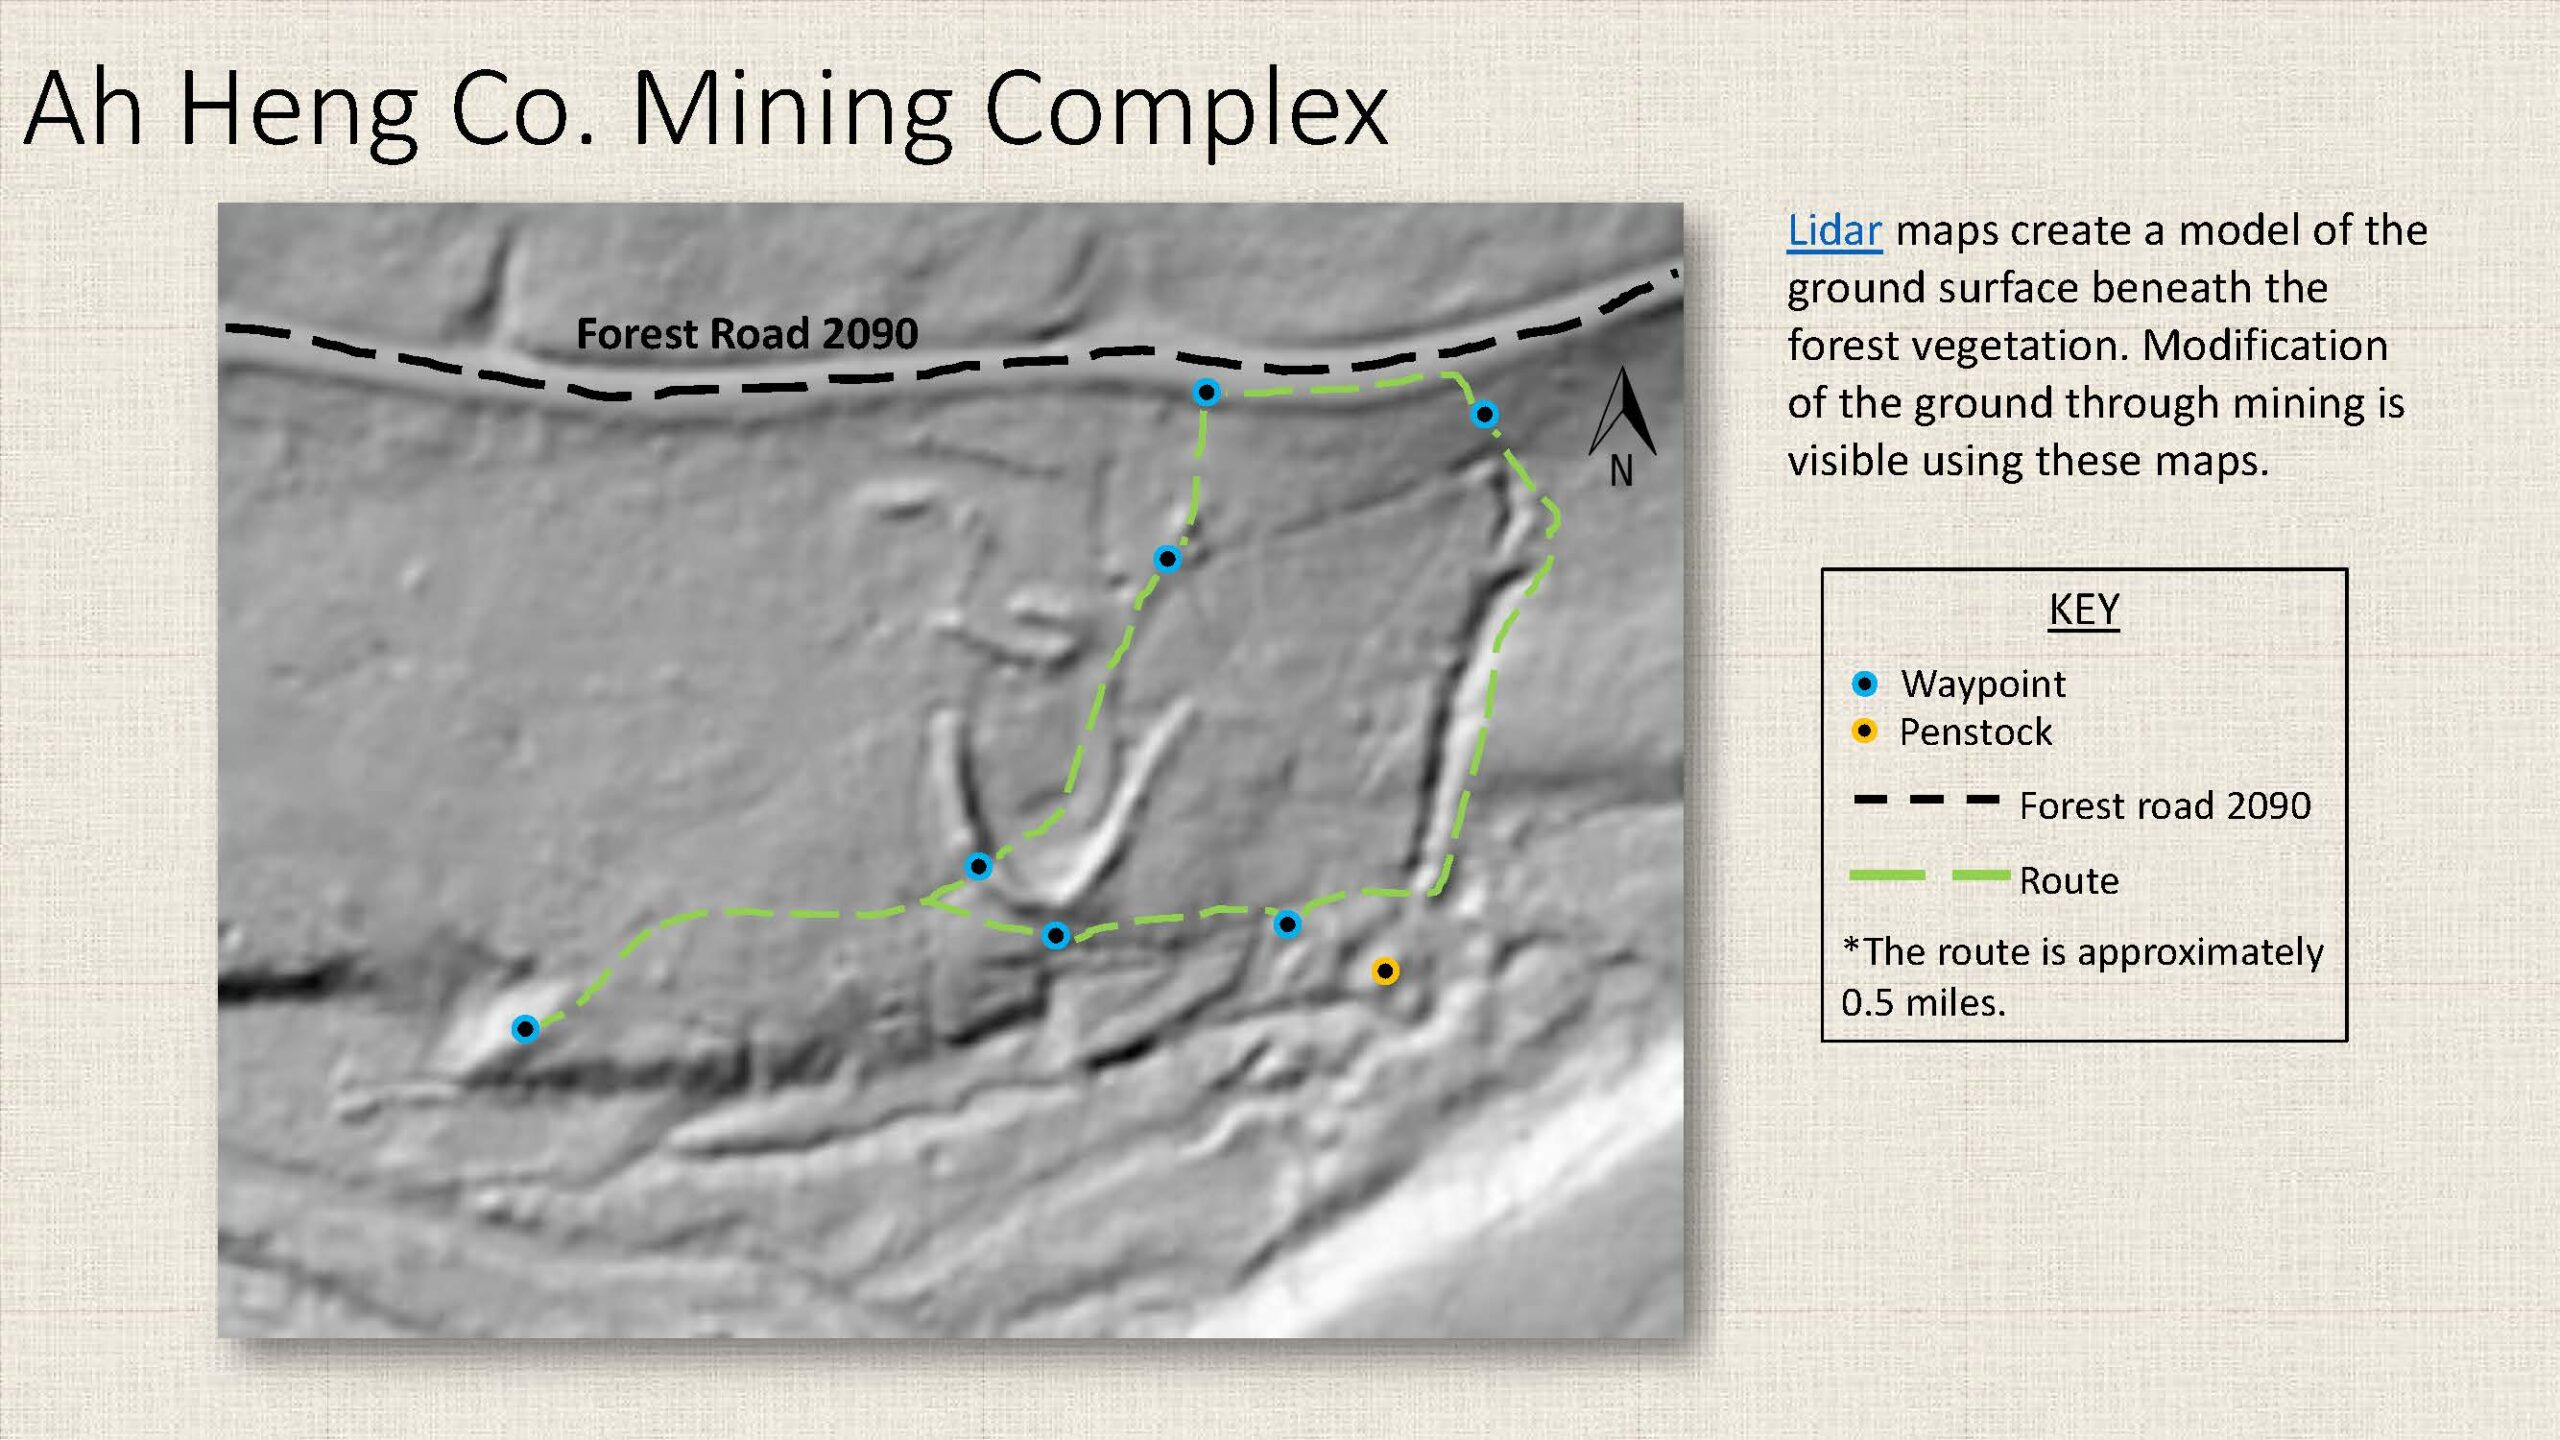 Ah Heng Co. Mining Complex